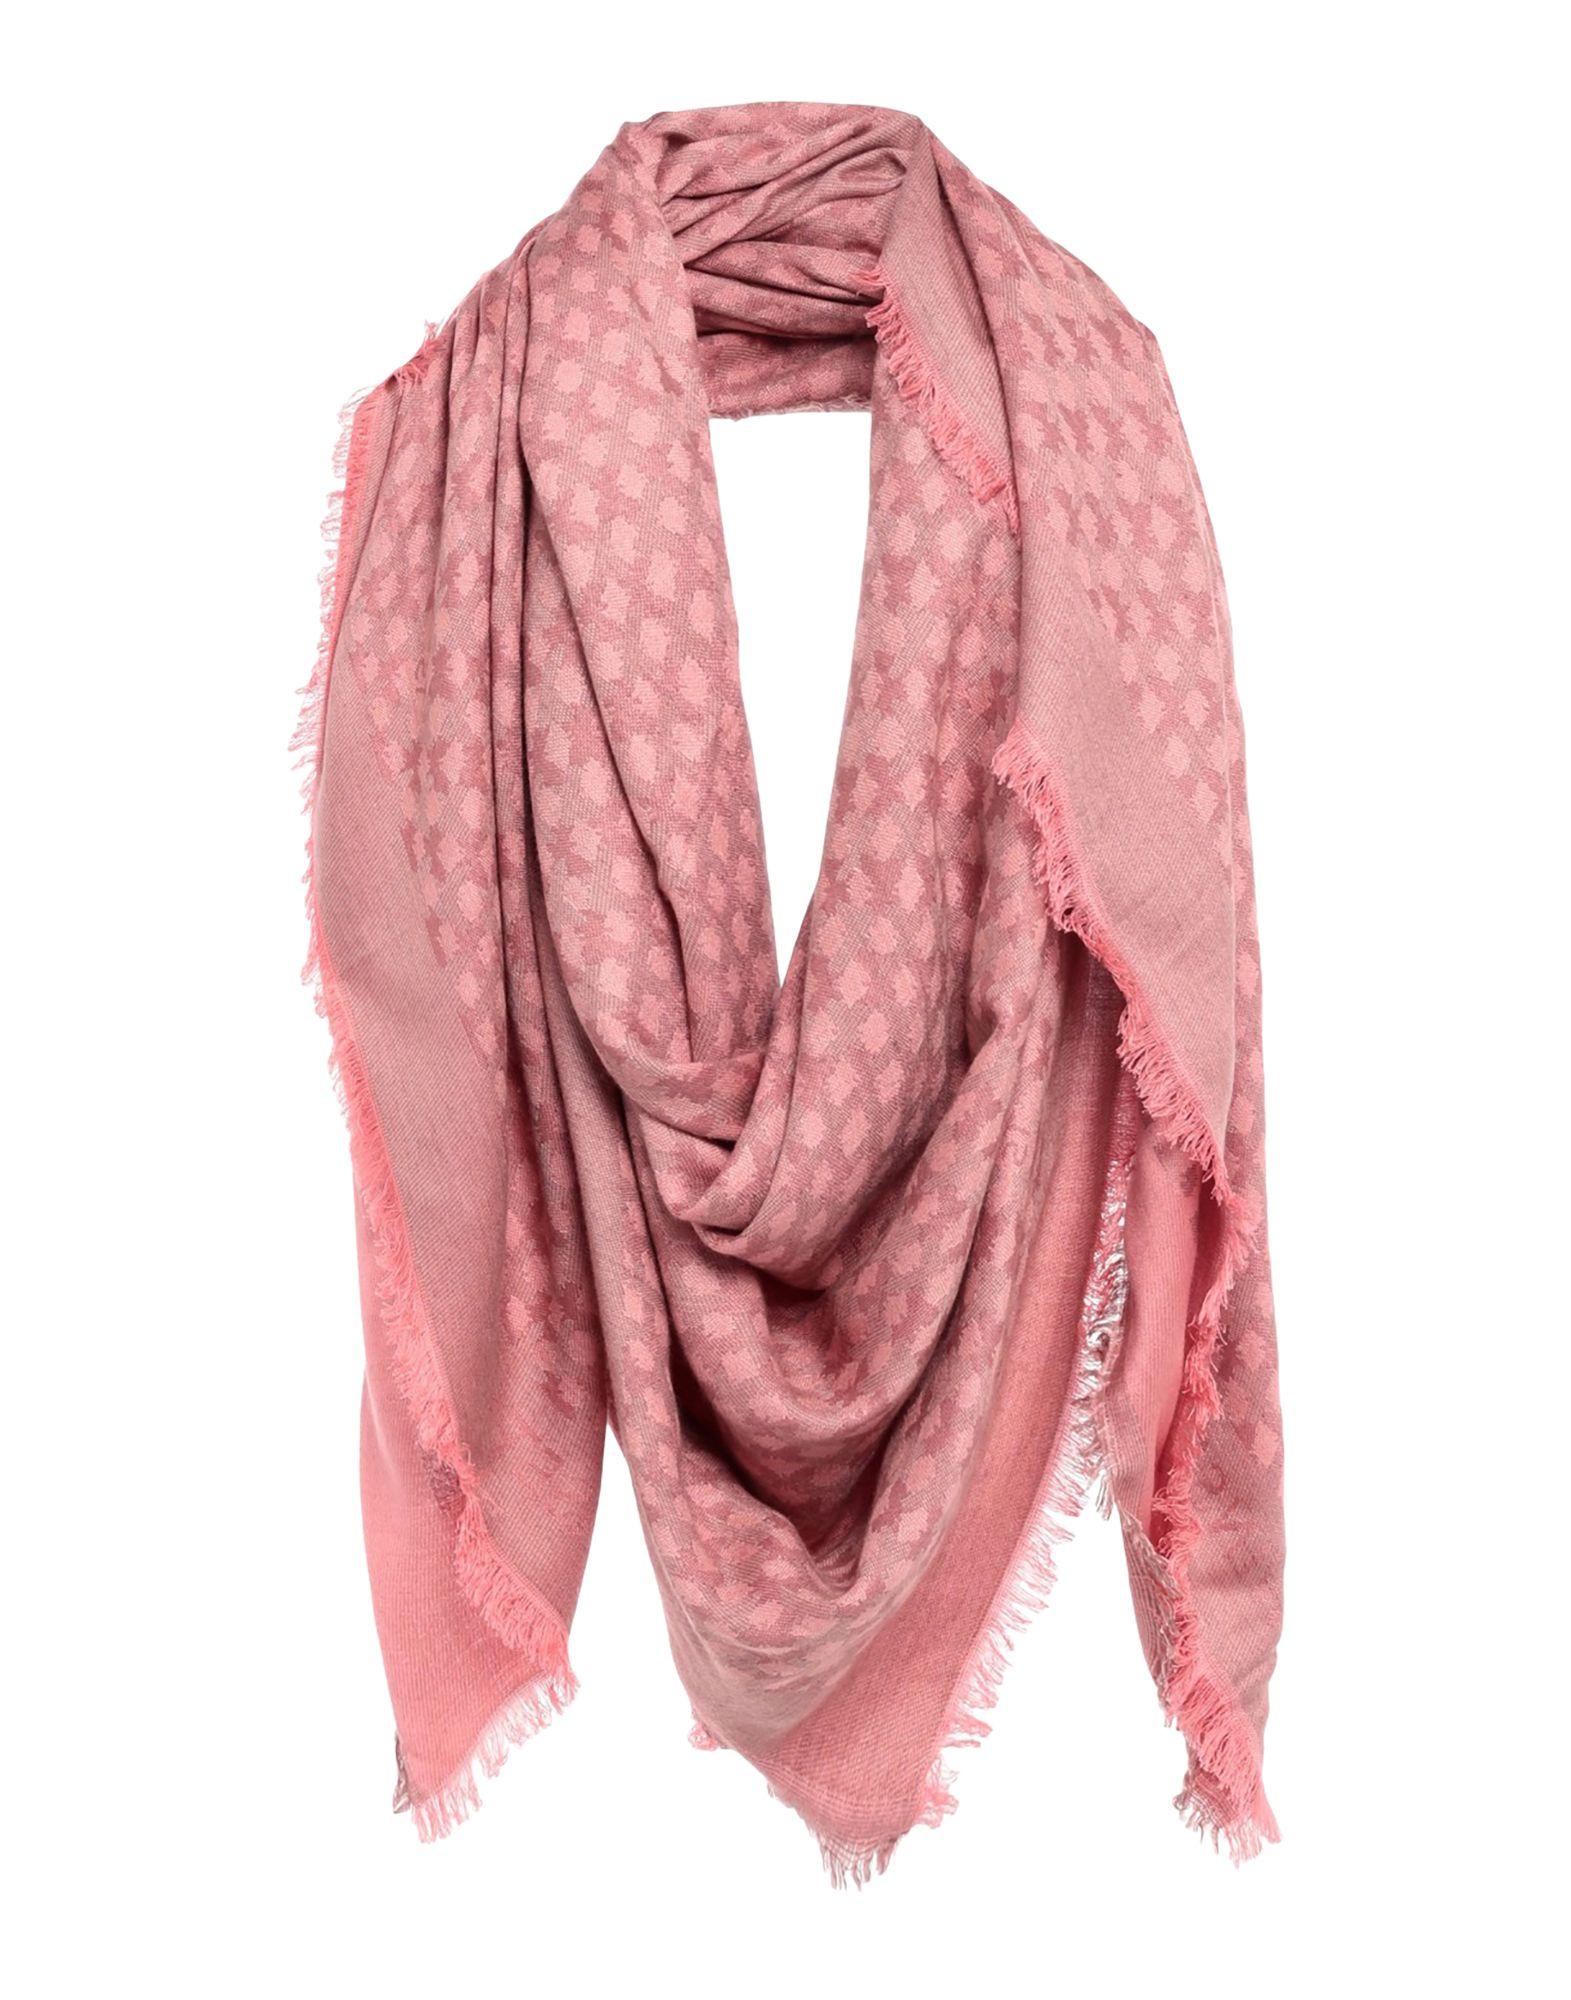 зимний шарф мужской купить